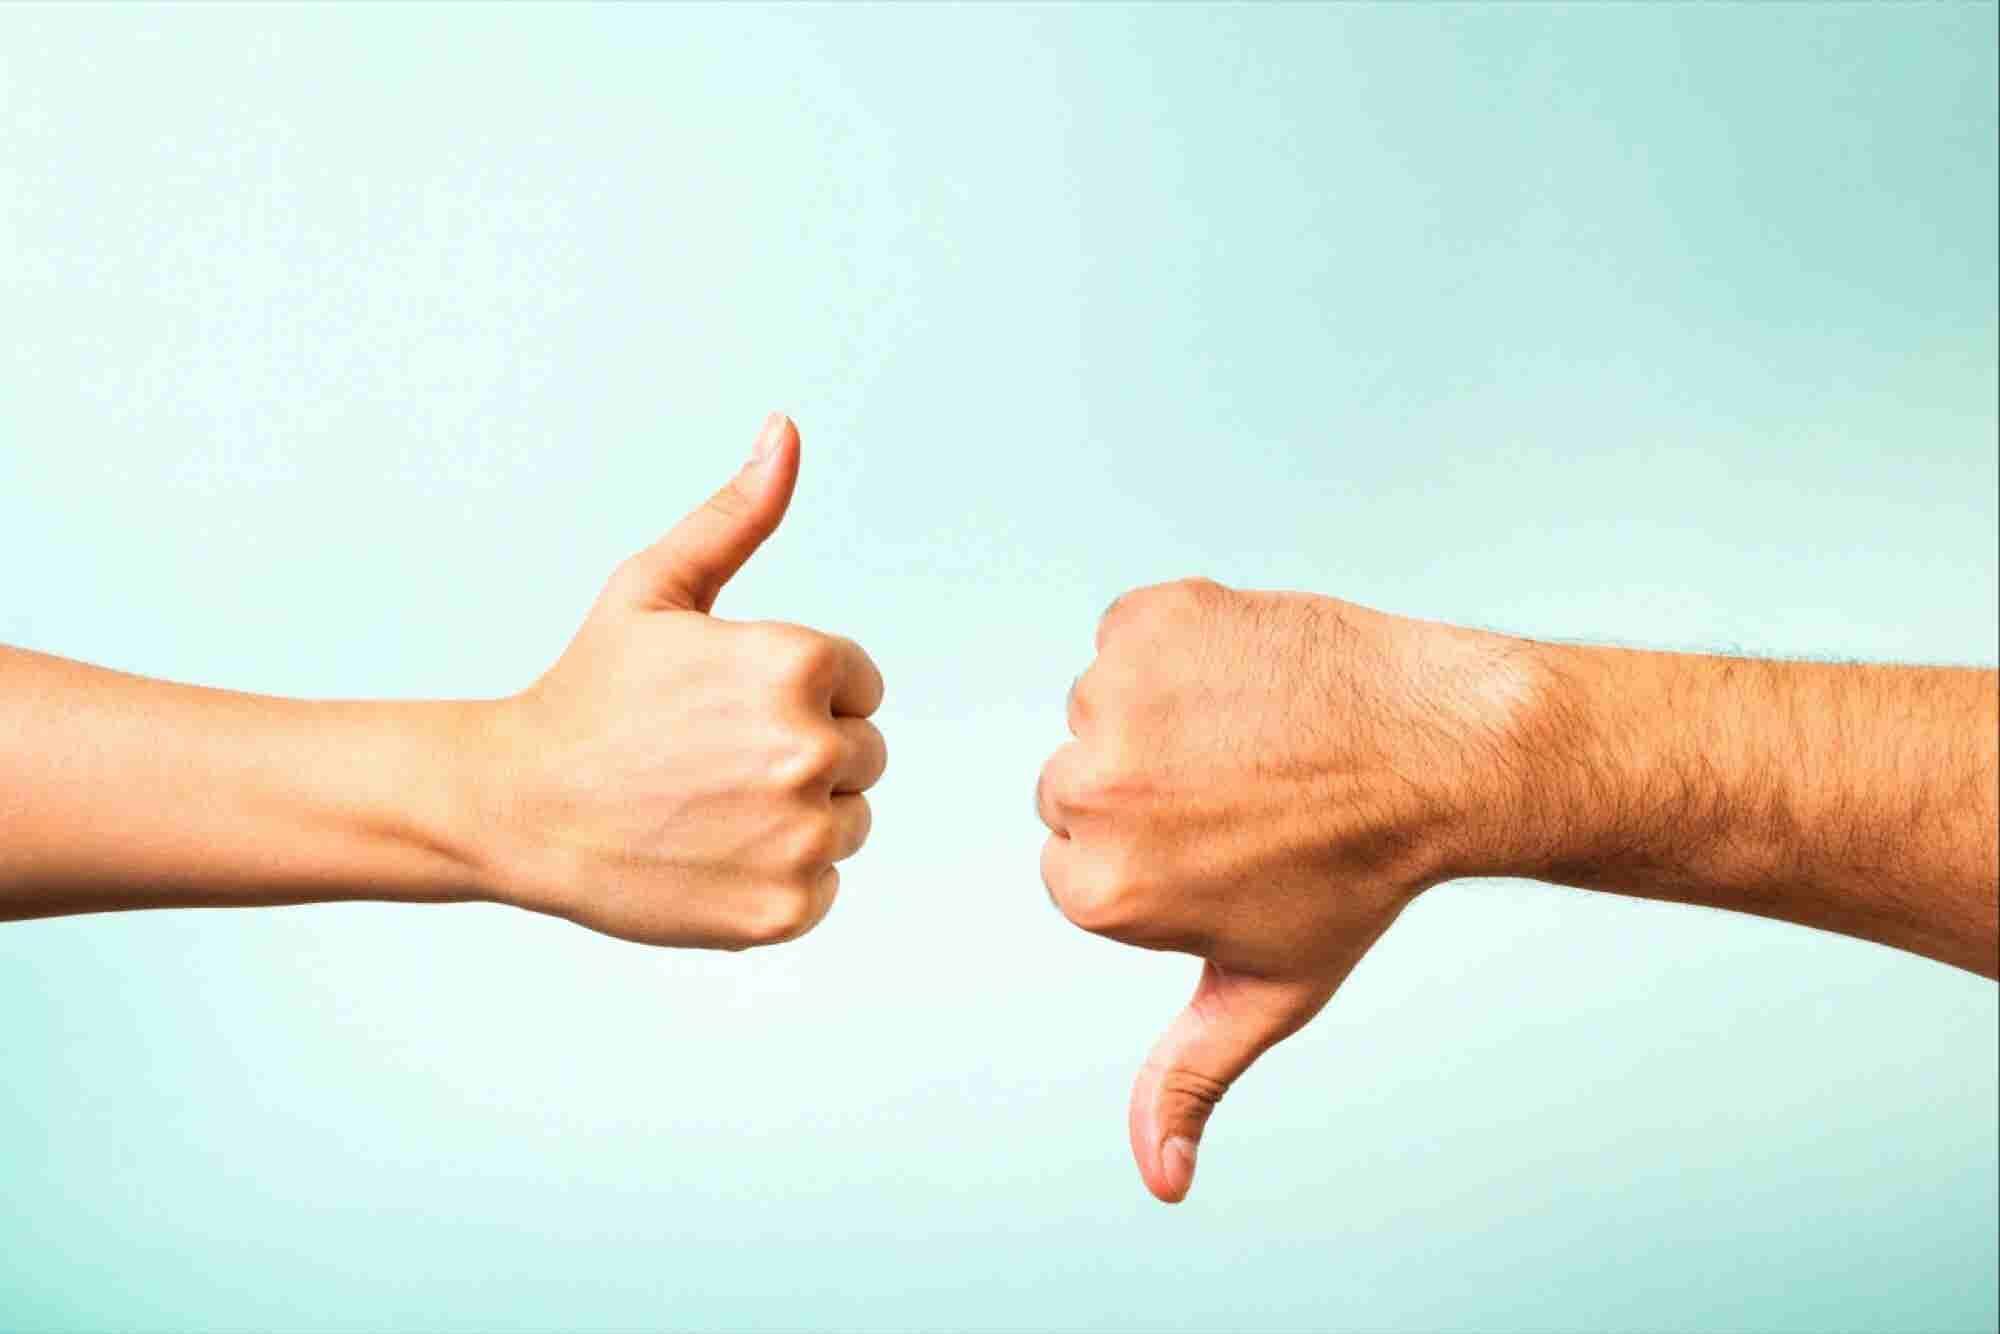 Online Marketing Agencies: Love 'Em or Leave 'Em?